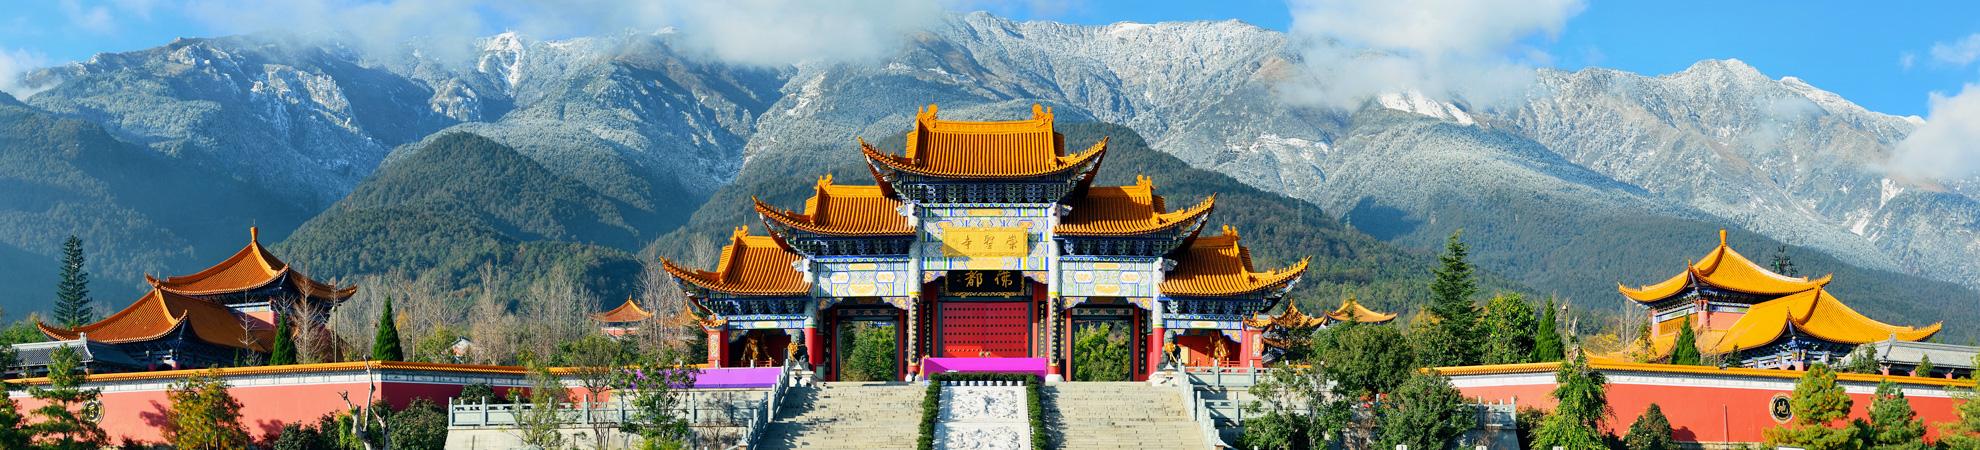 Choisir son guide de voyage avant de partir en Chine